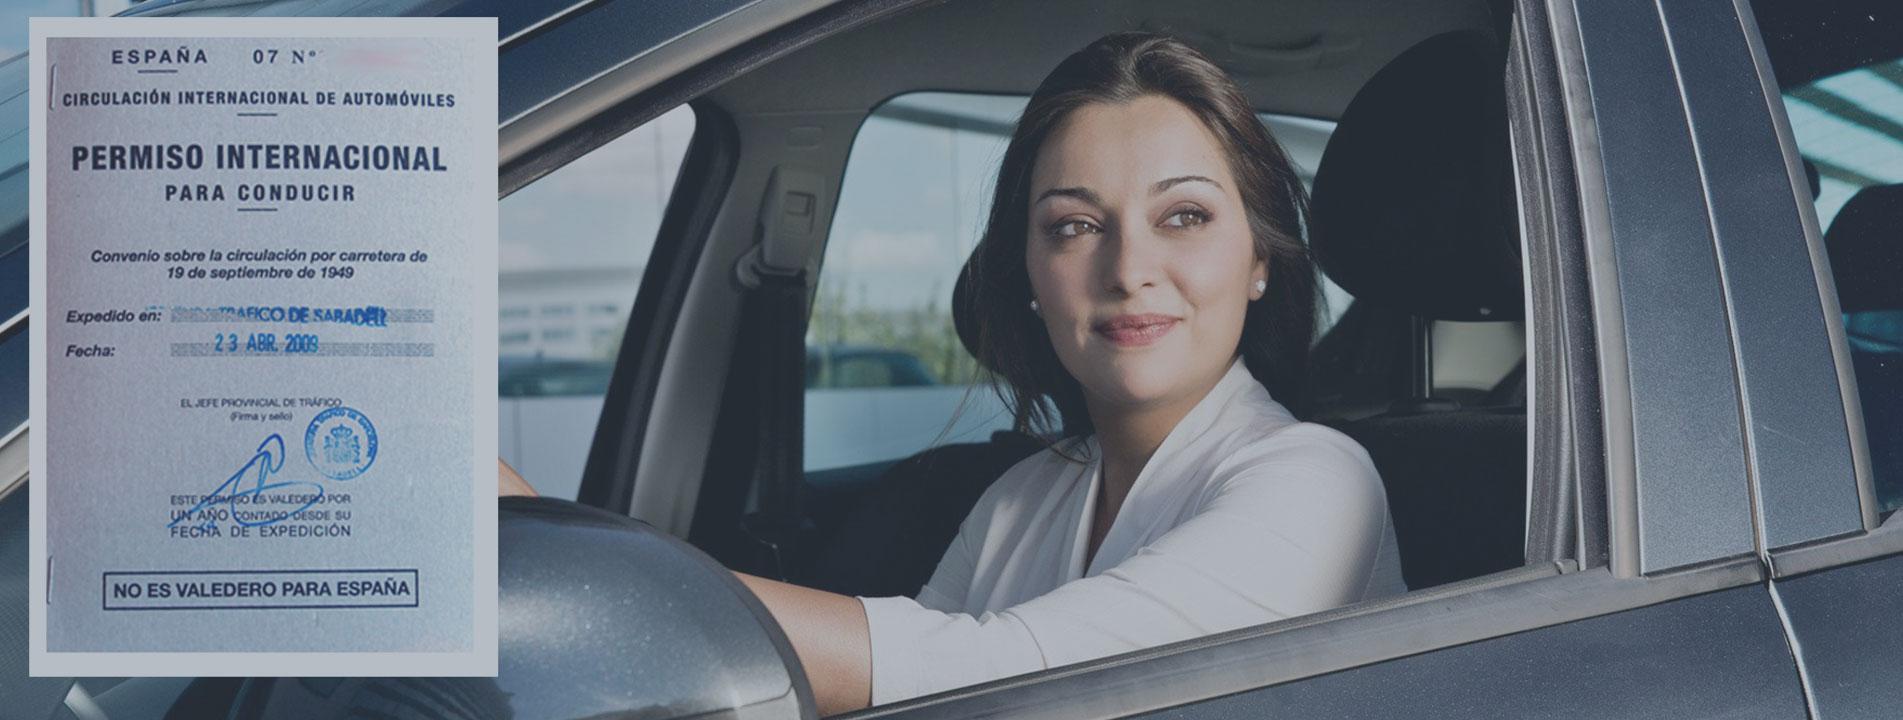 certificado-medico-carnet-de-conducir-internacional